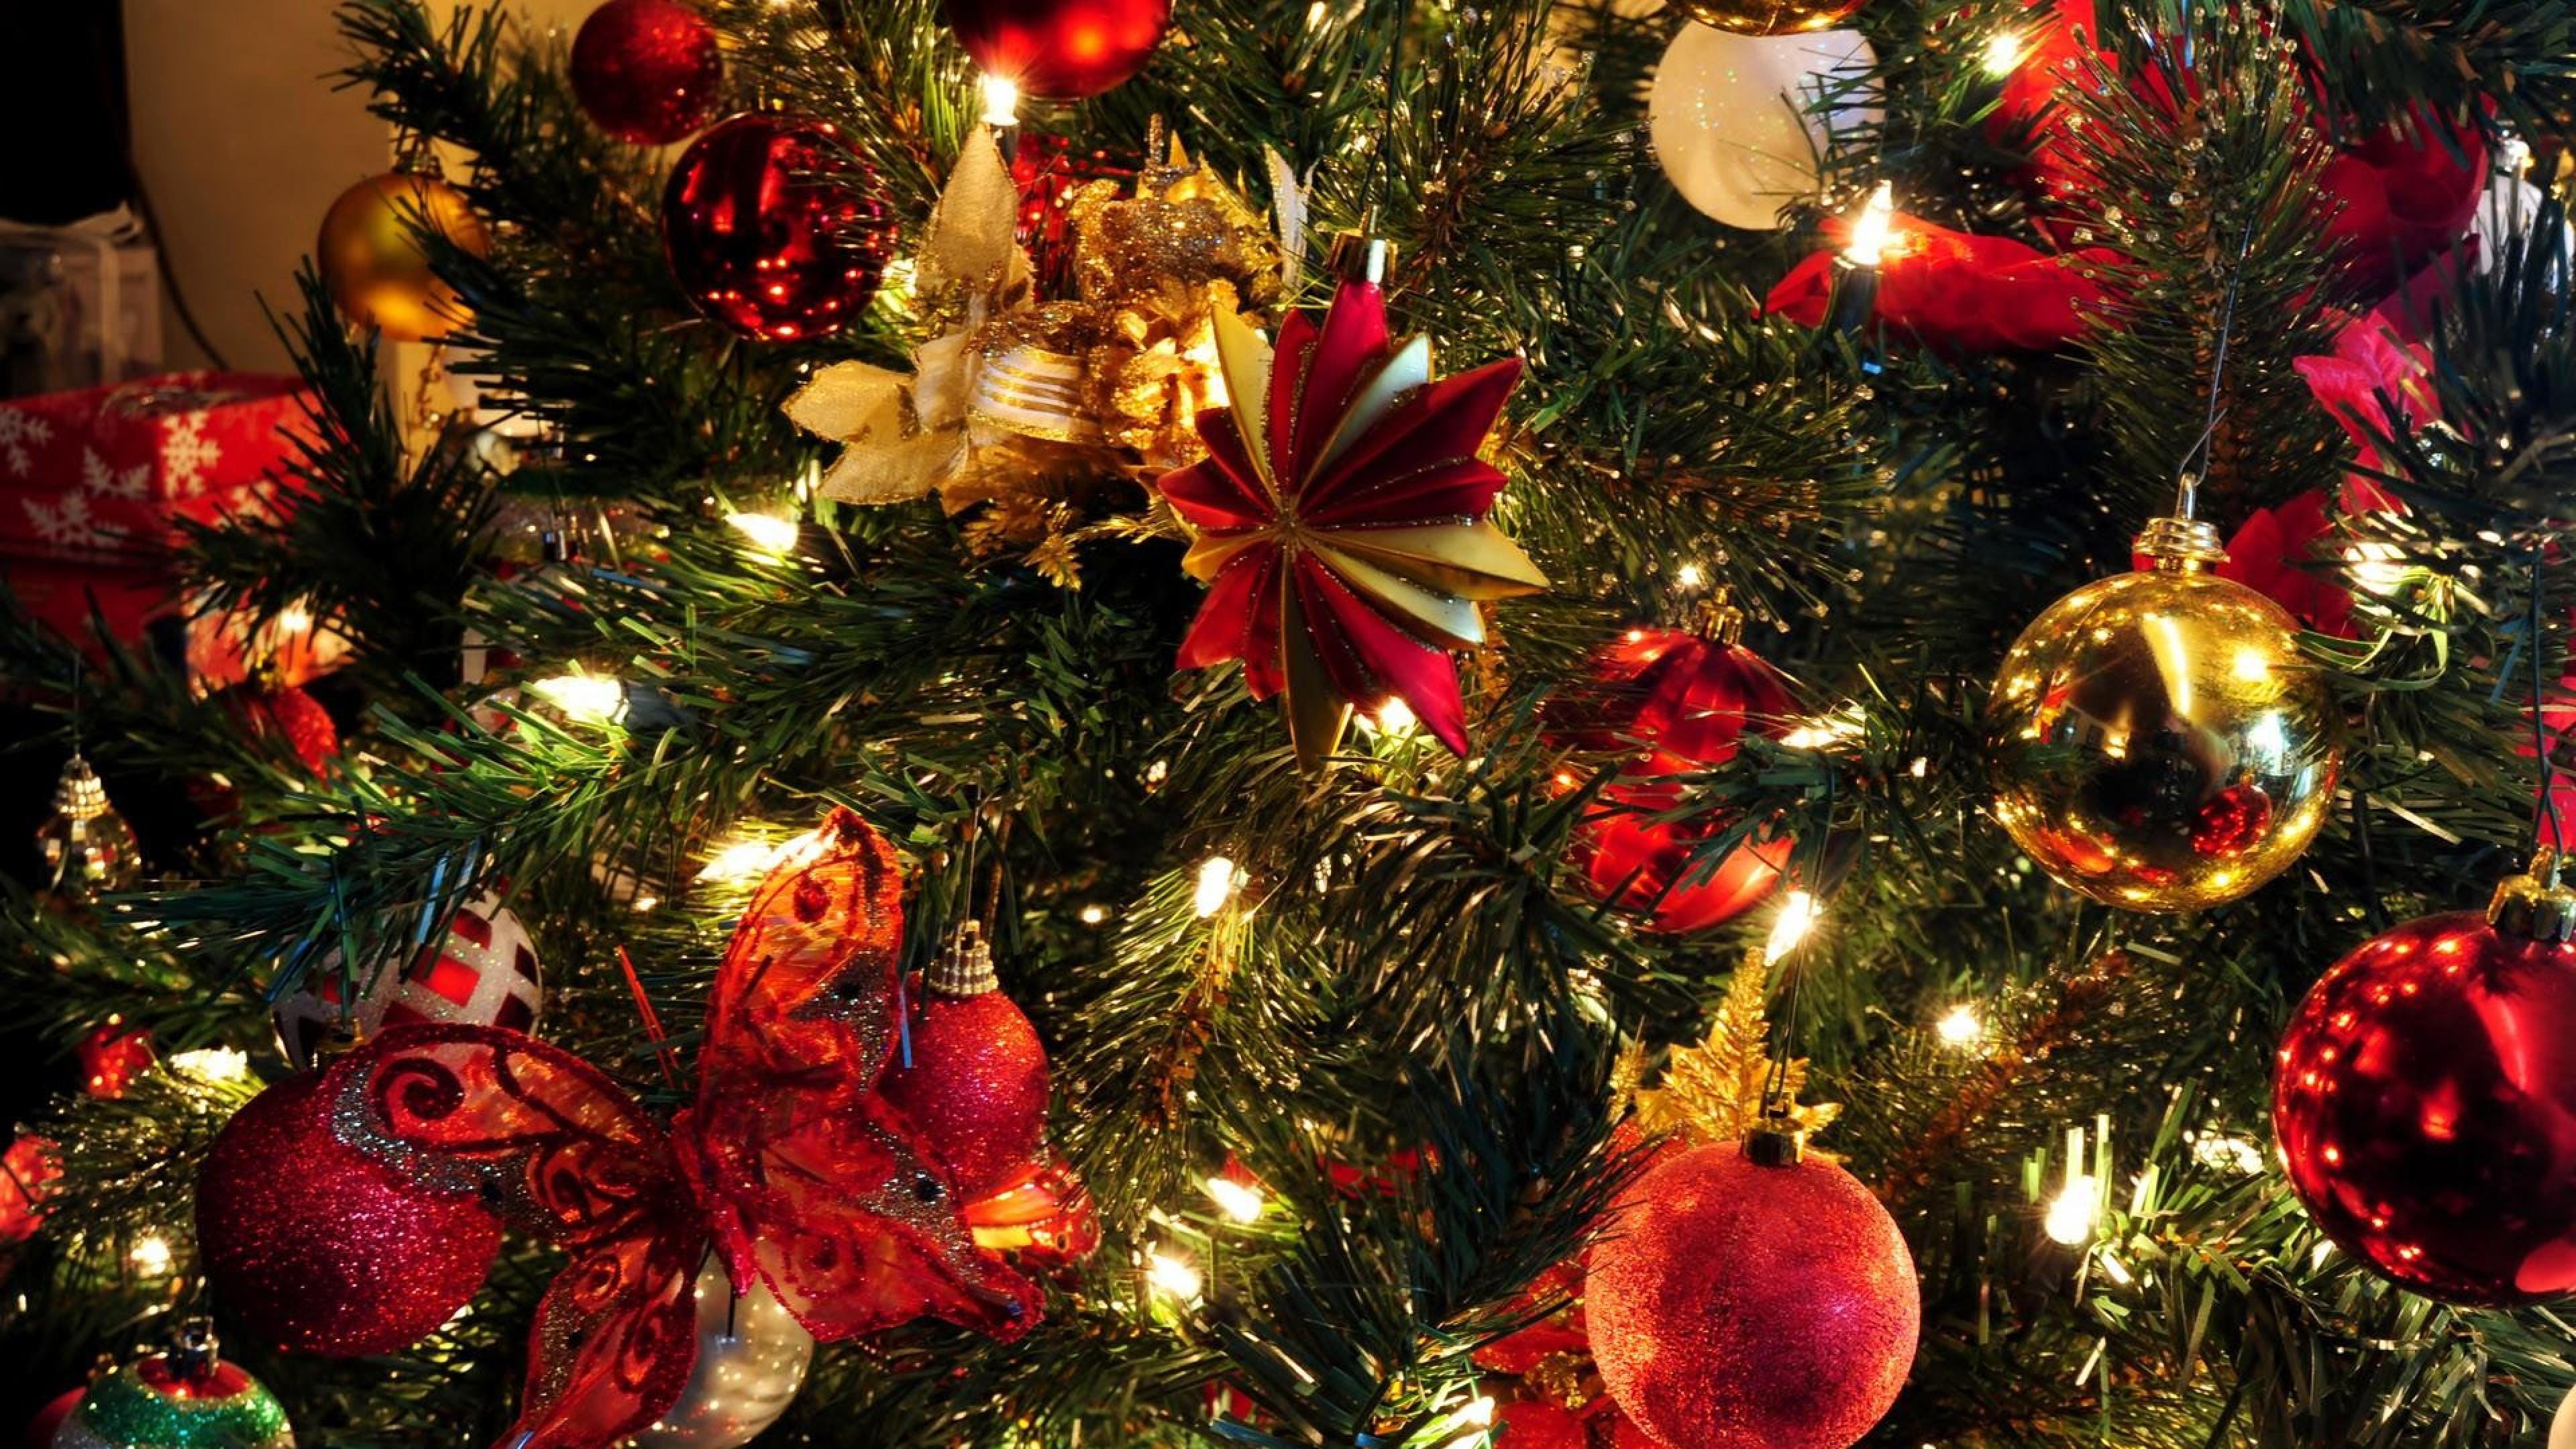 Christmas Wallpaper 4k.45 Ultra Hd Christmas Wallpapers On Wallpapersafari